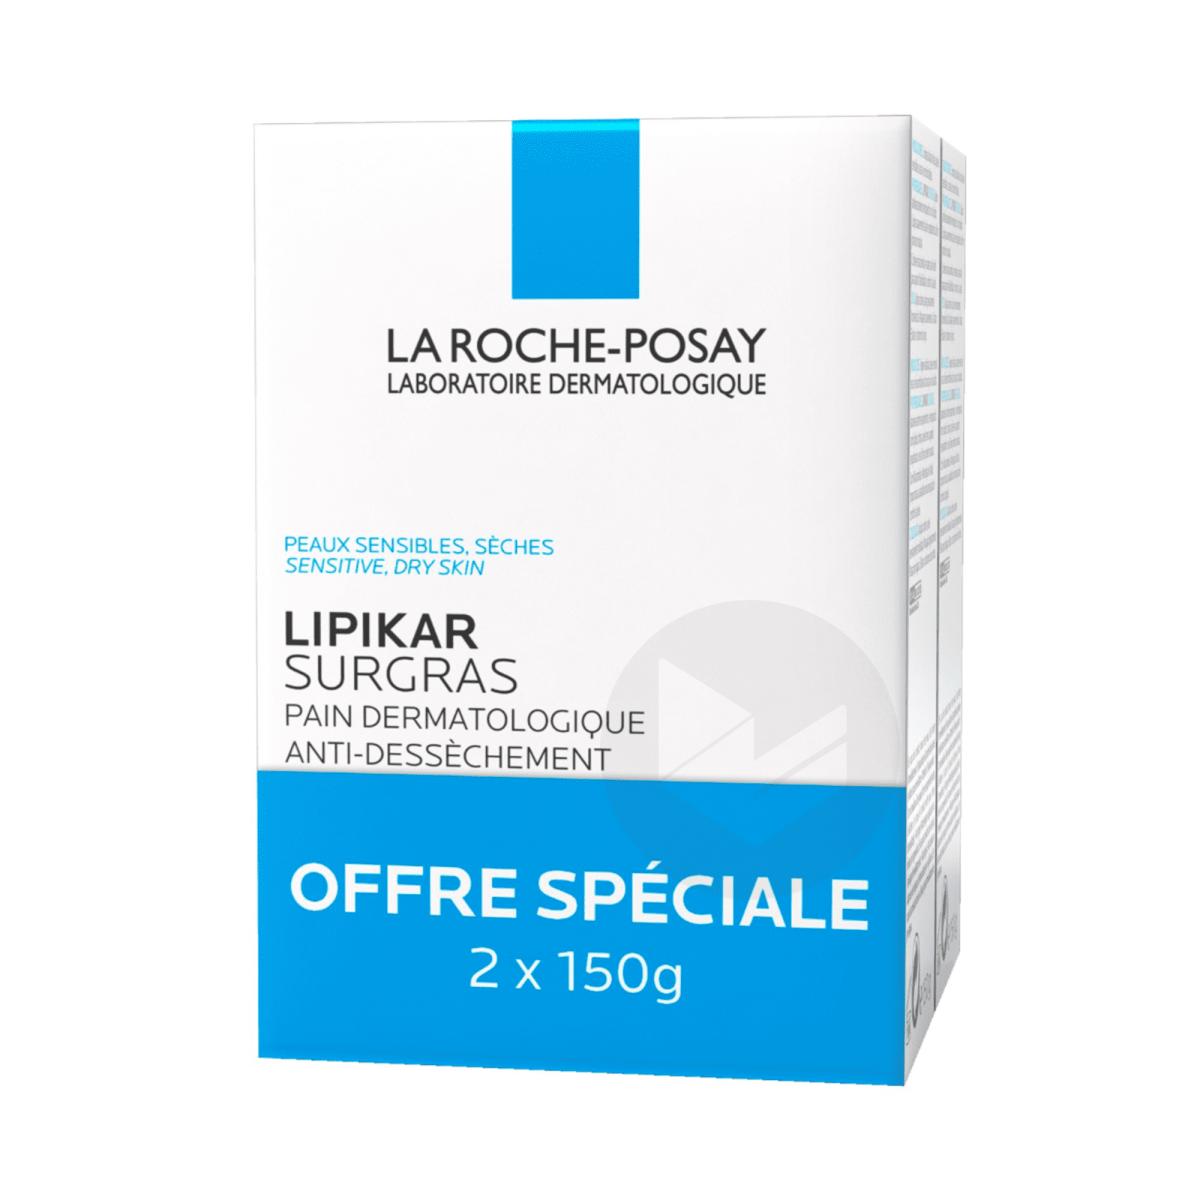 Lipikar Pain surgras dermatologique anti-dessèchement 2x150g